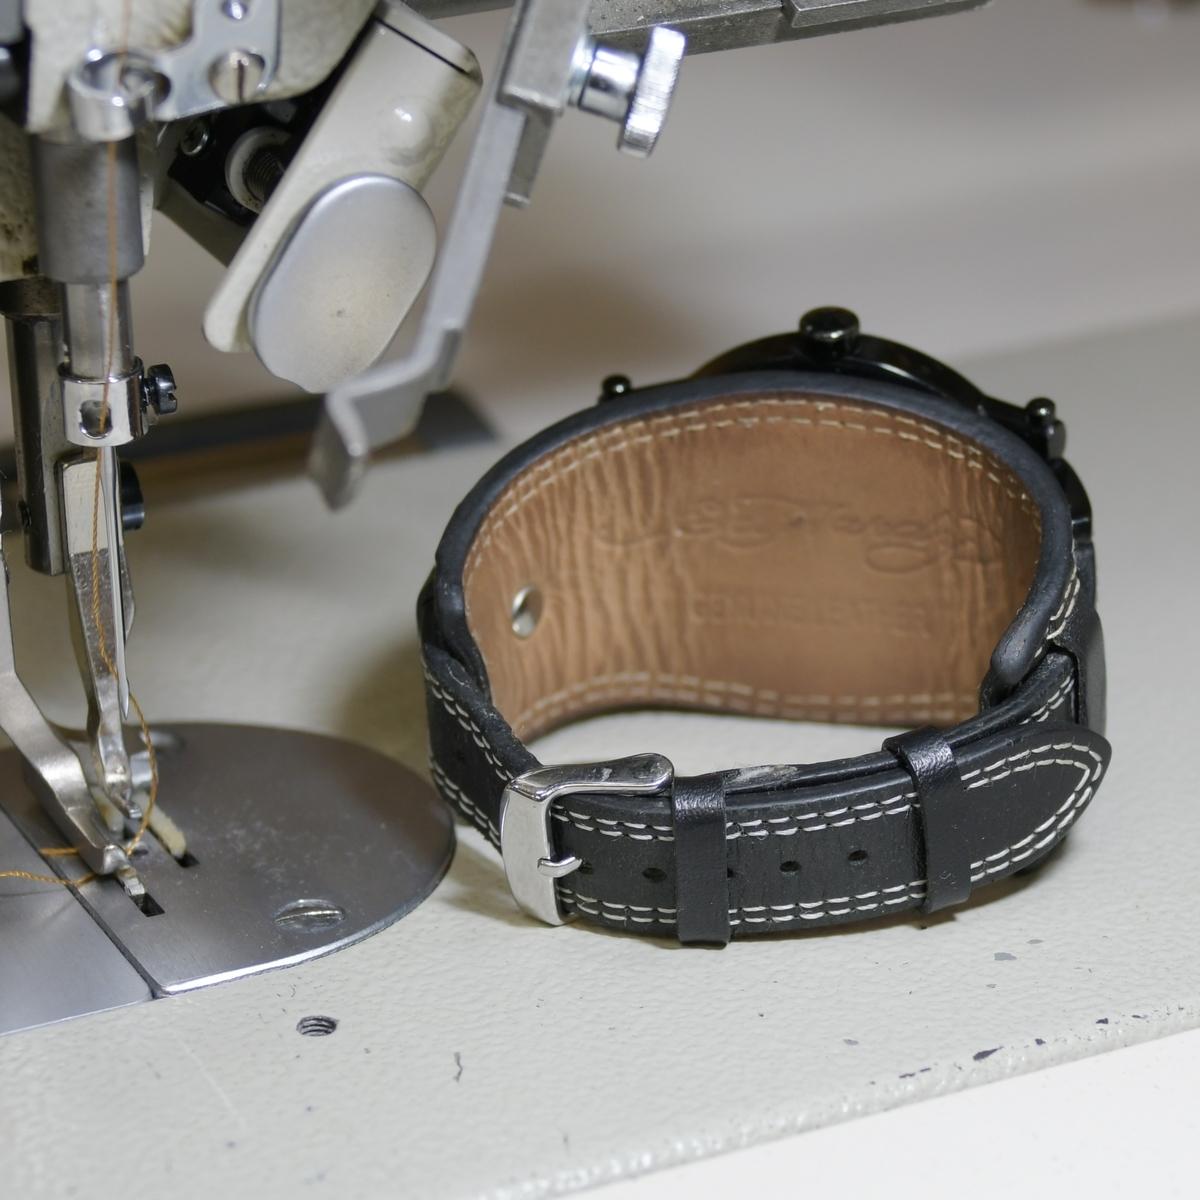 時計の革ベルトの遊革、定革の修理をヌメ革でオーダー製作